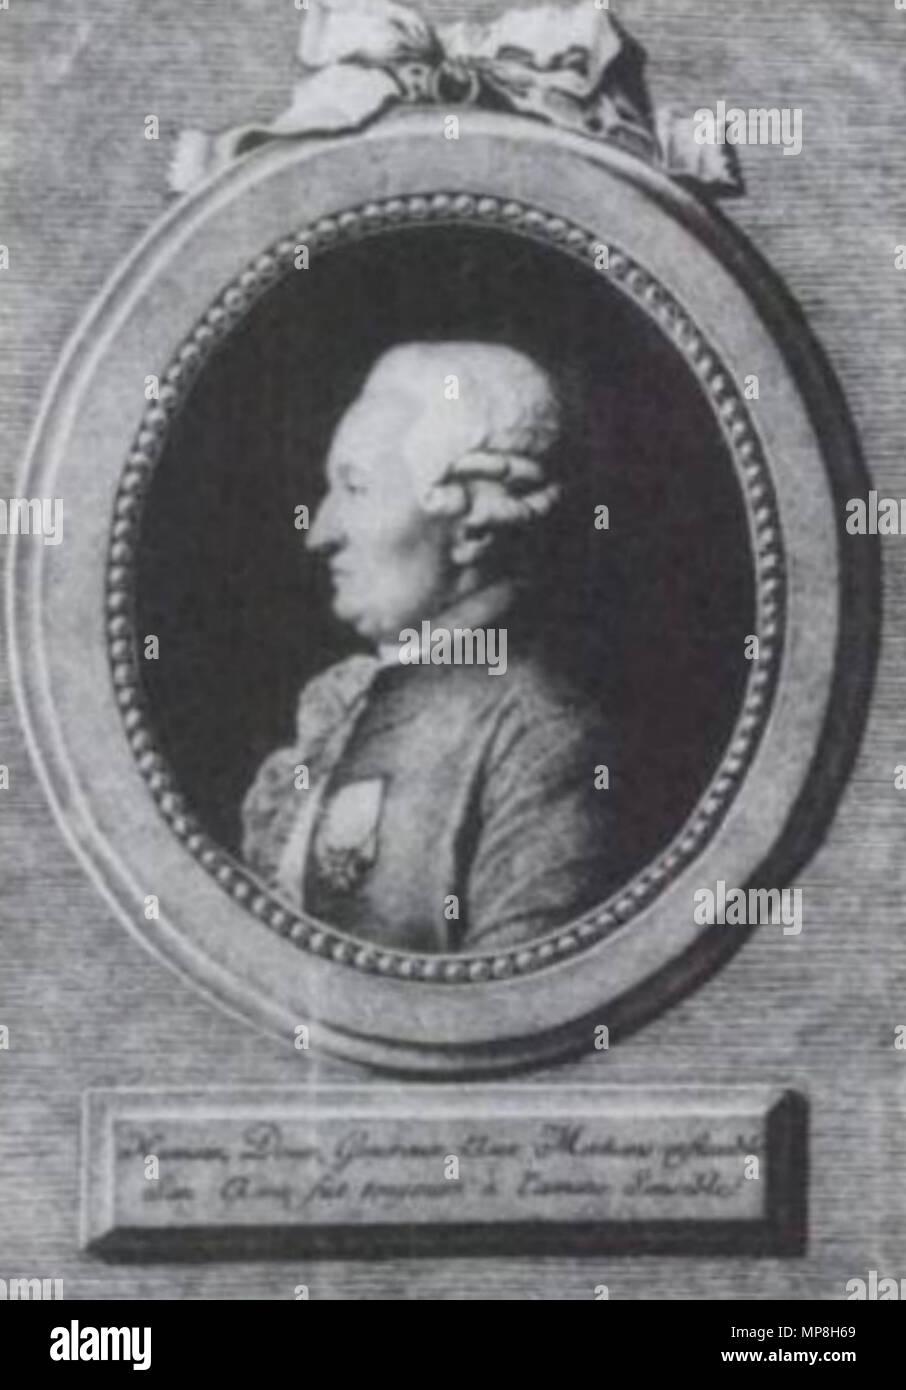 .  Deutsch: Joseph d'Hémery (1722-1806), oberster polizeilicher Inspektor des Buchhandels in Frankreich . circa 1780. Nicolas-François Regnault (1746-1810) 741 Joseph D'Hemery Stock Photo